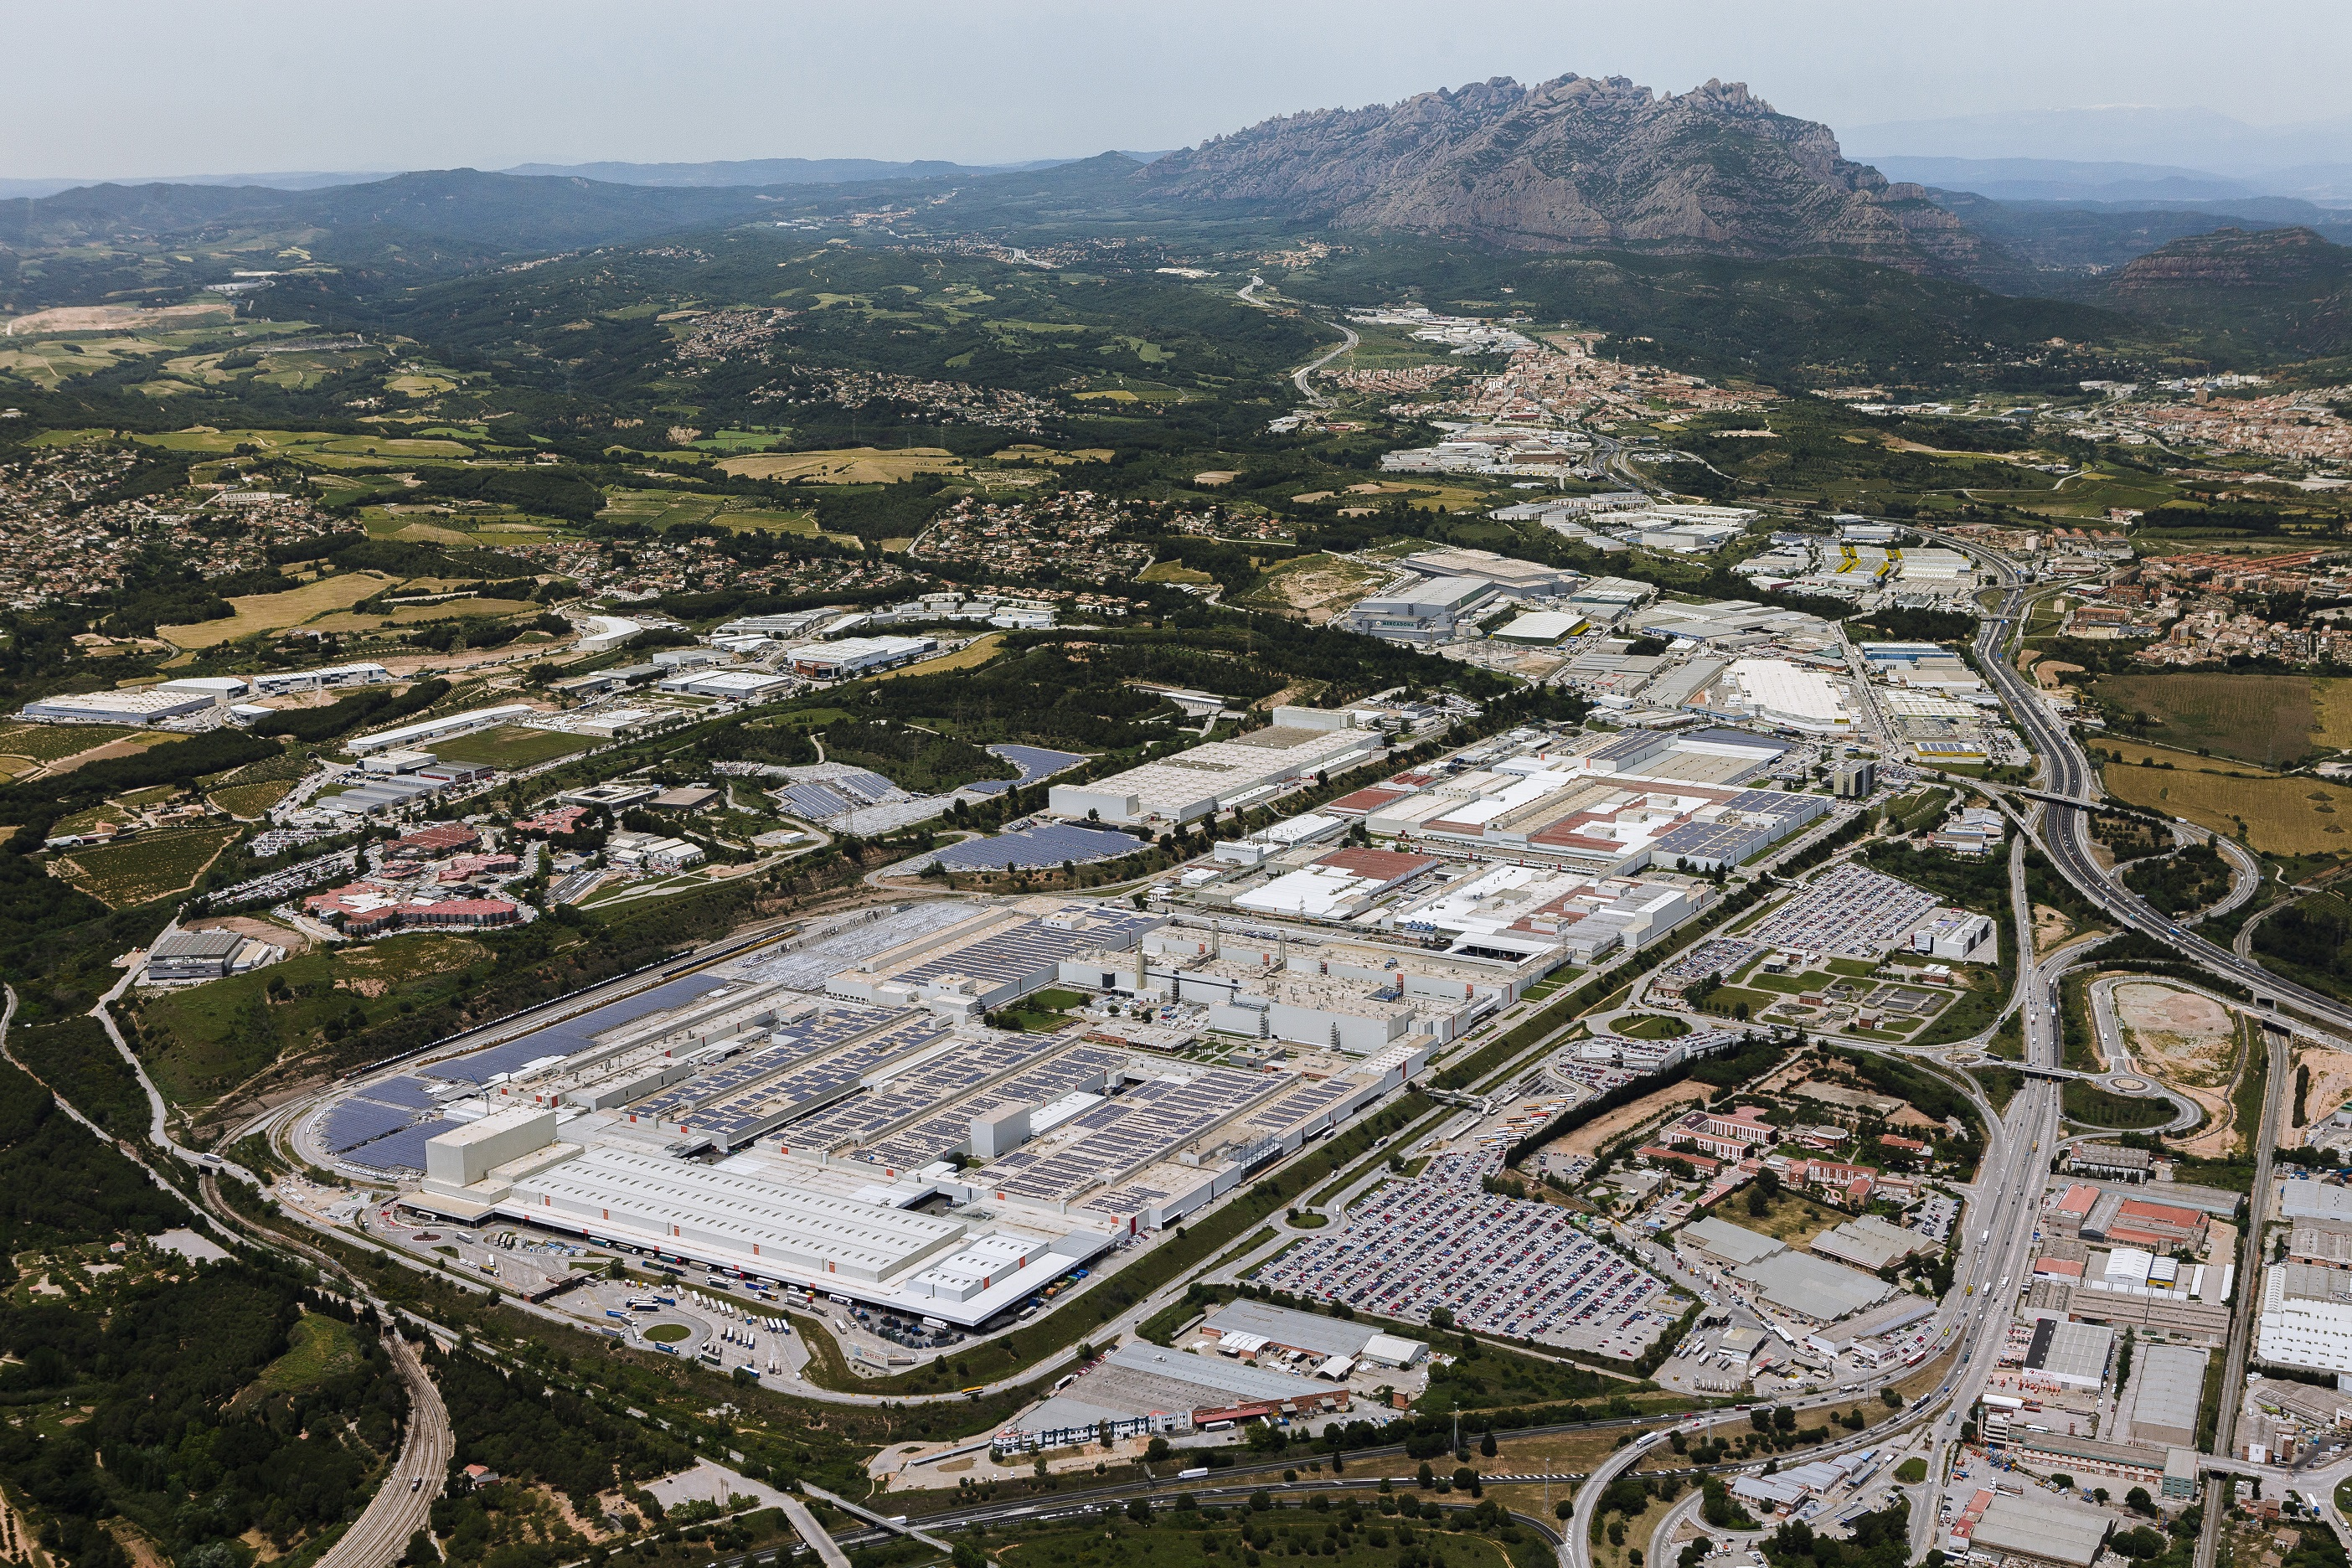 مبيعات سيات 2019 , سيات , SEAT , مارتوريل , مصنع , إسبانيا , إنتاج